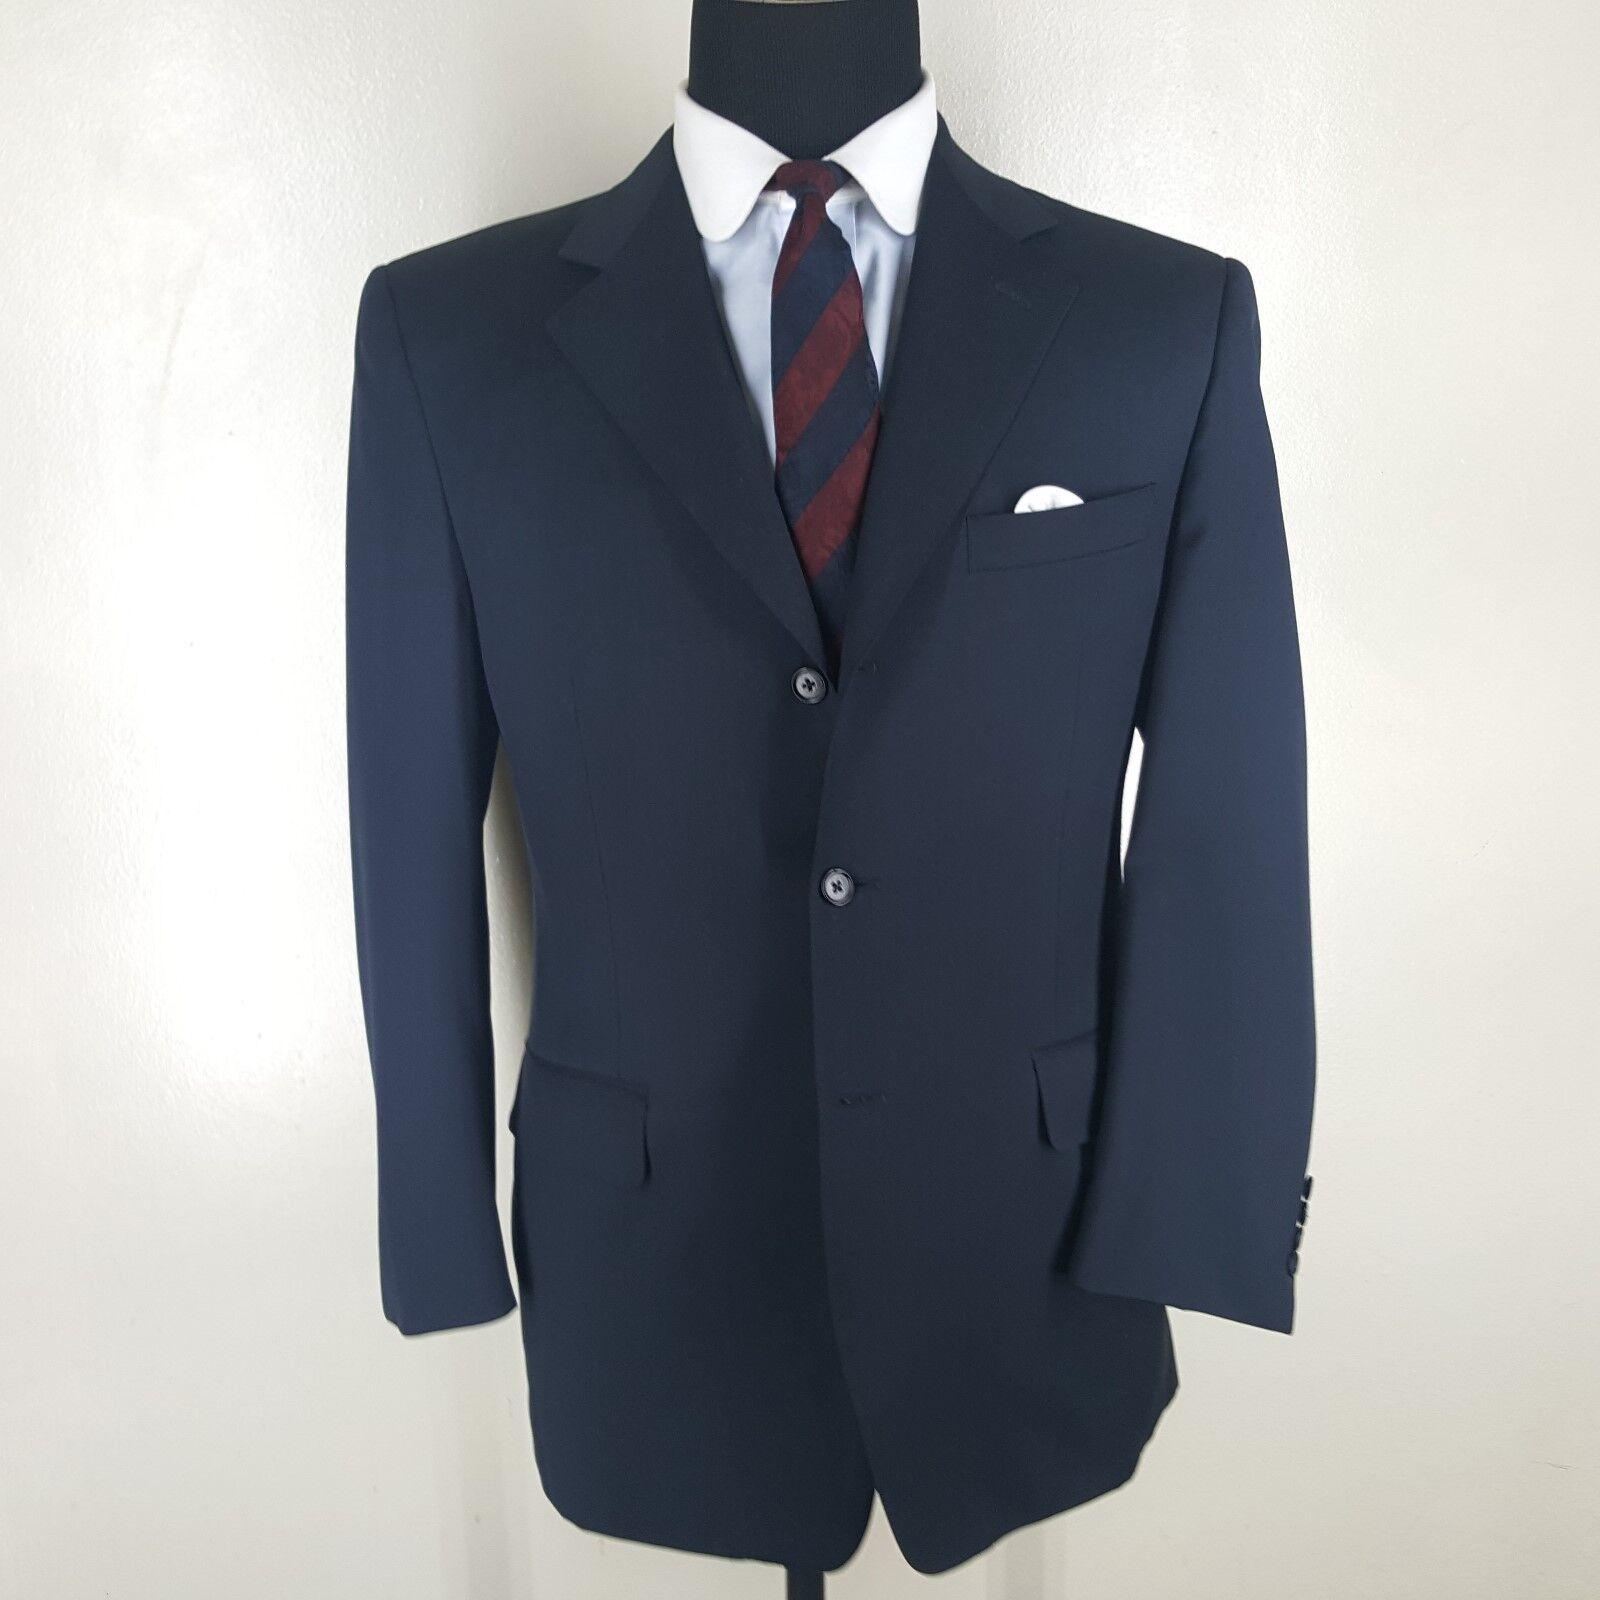 CANALI Dark bluee Blazer 3 Btn Side Vents 4  Season Wool   40 R- Fit 40 R- 42 Reg